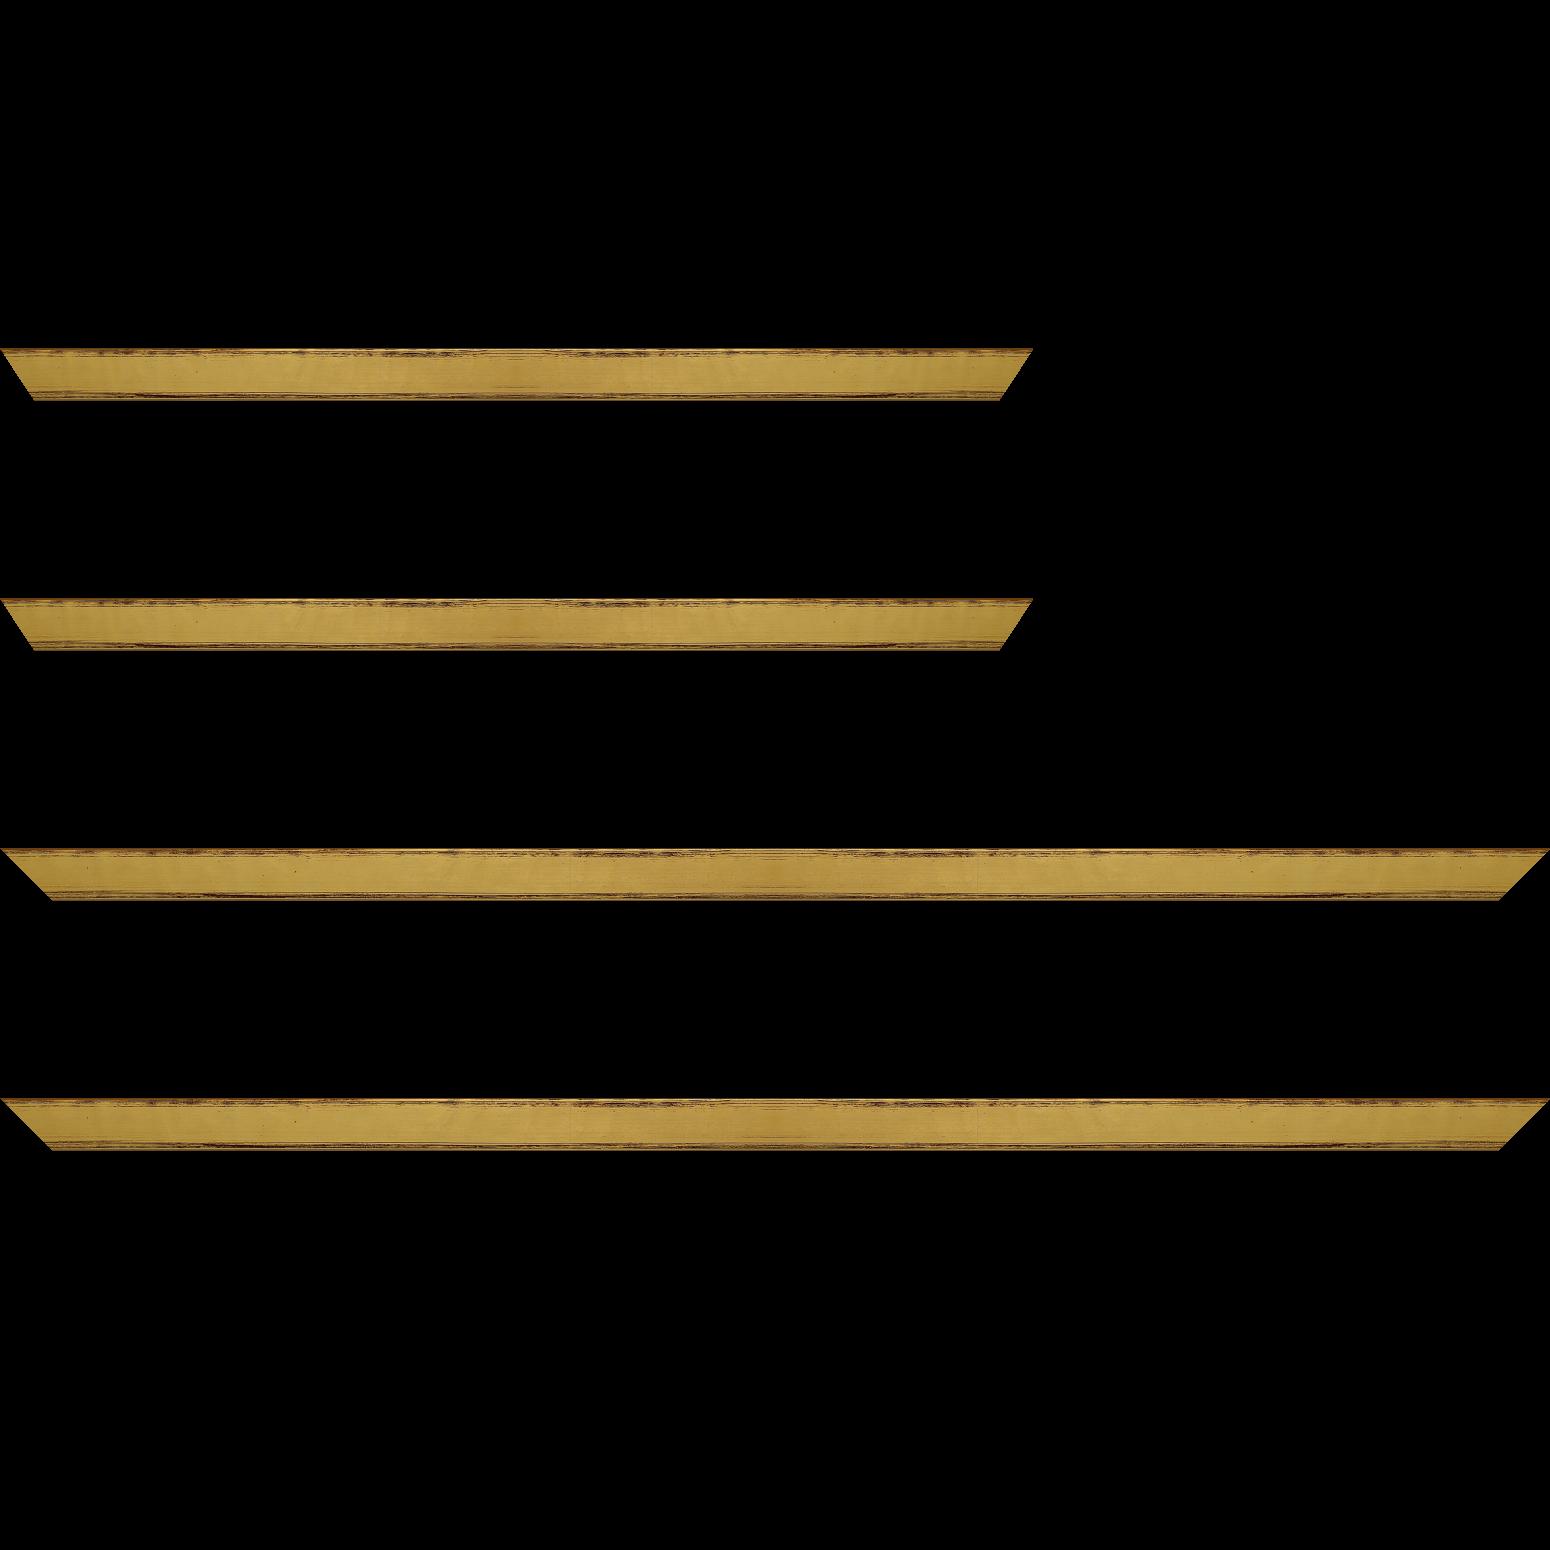 Baguette service précoupé Bois profil plat largeur 2.1cm hauteur 3.8cm couleur or coté extérieur foncé. finition haut de gamme car dorure à l'eau fait main